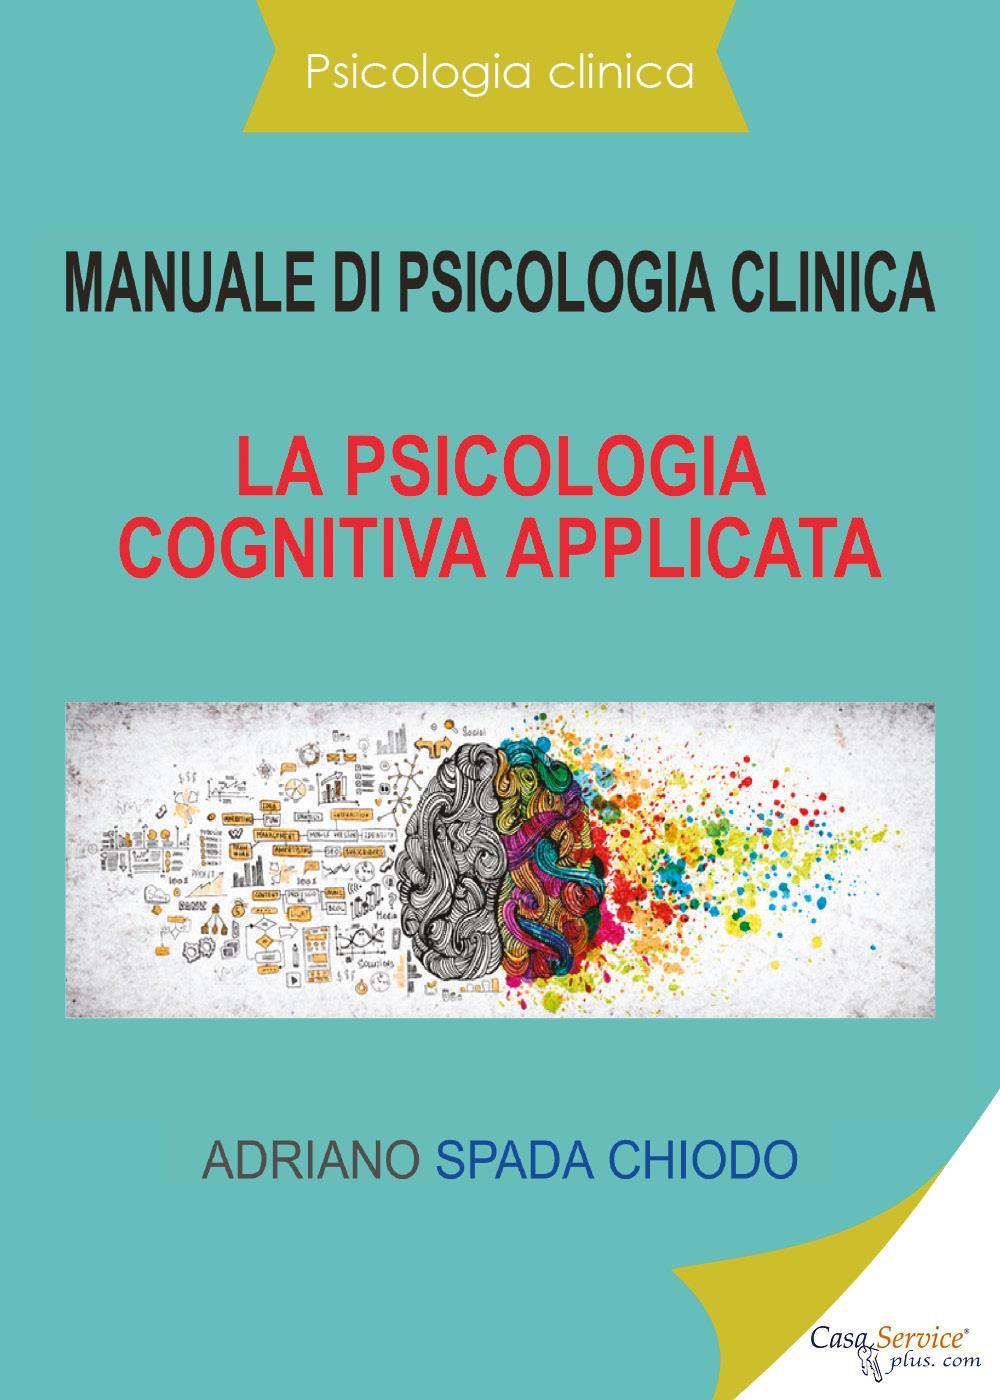 Psicologia clinica - Manuale di psicologia clinica - La psicologia cognitiva applicata